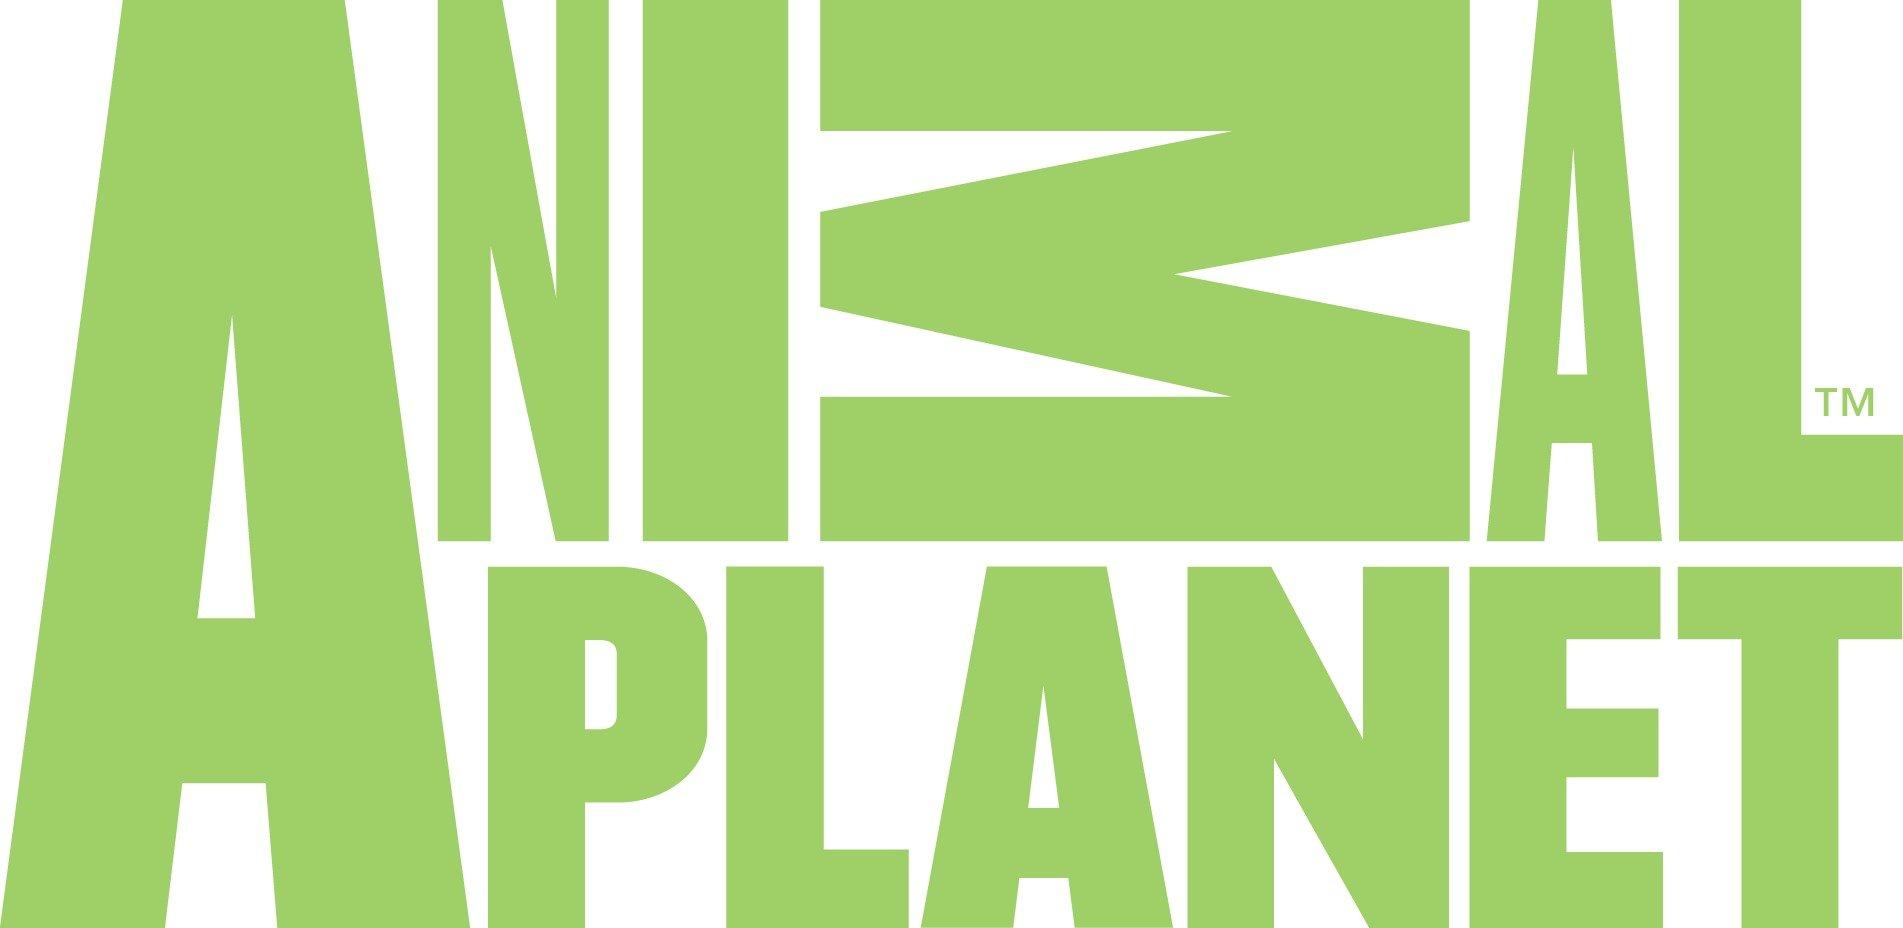 logo kênh truyền hình animal planet